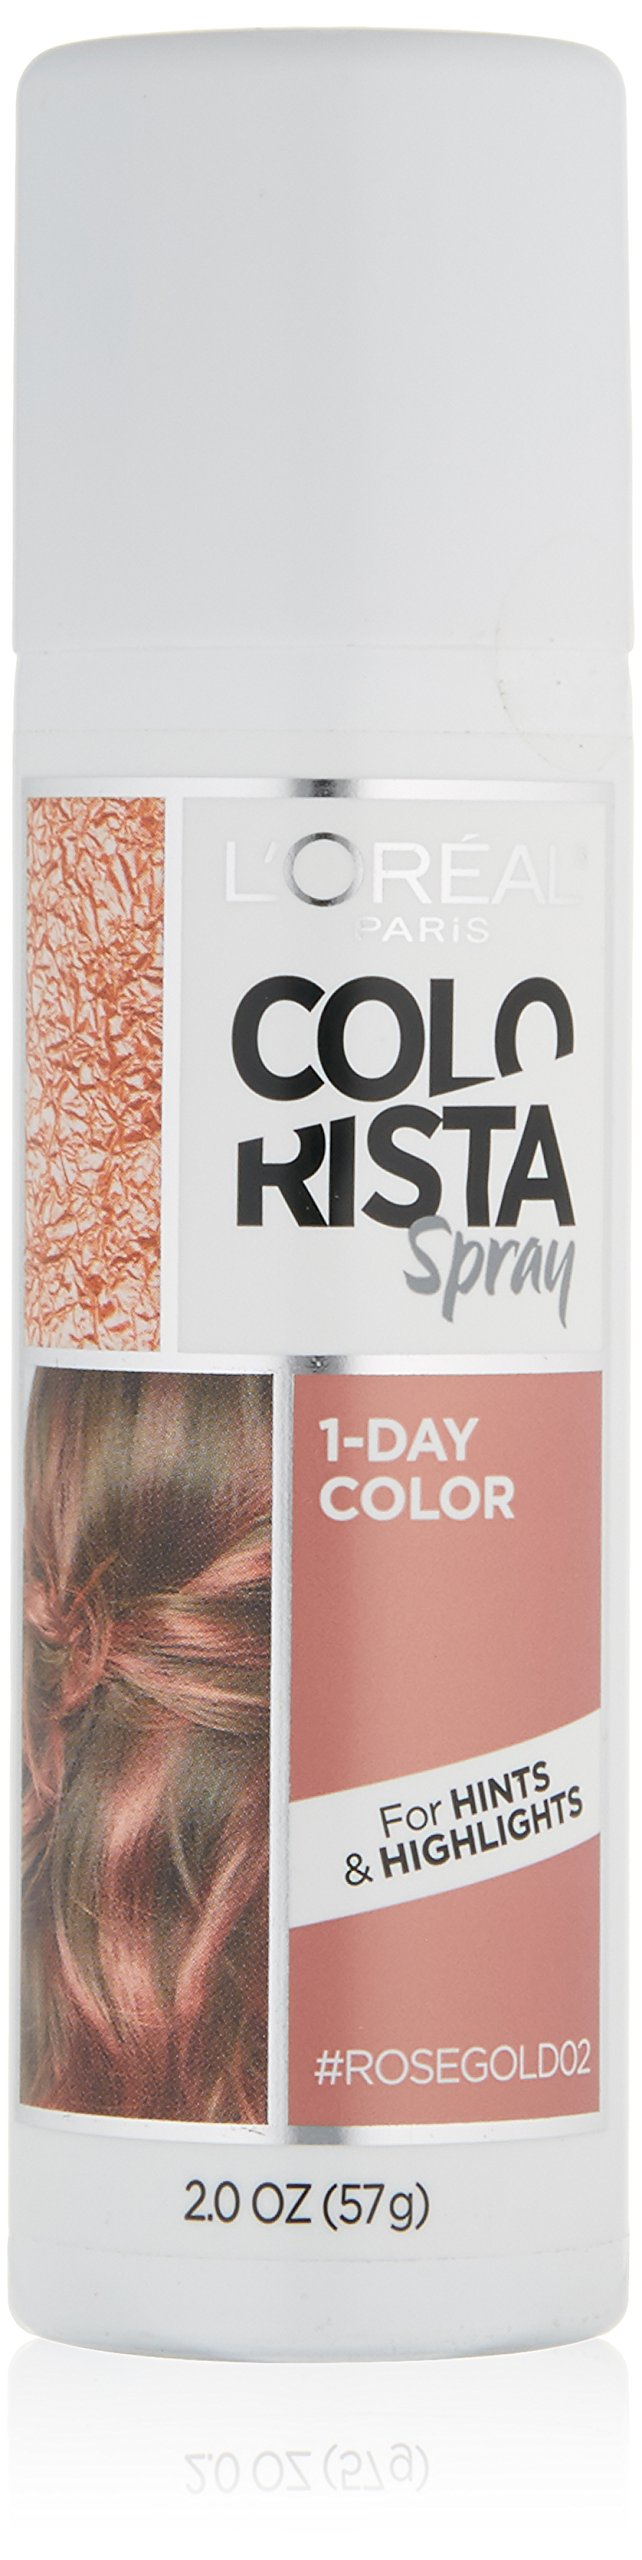 L'Oreal Paris Hair Color Colorista 1-Day Spray, Rosegold, 2 Ounce